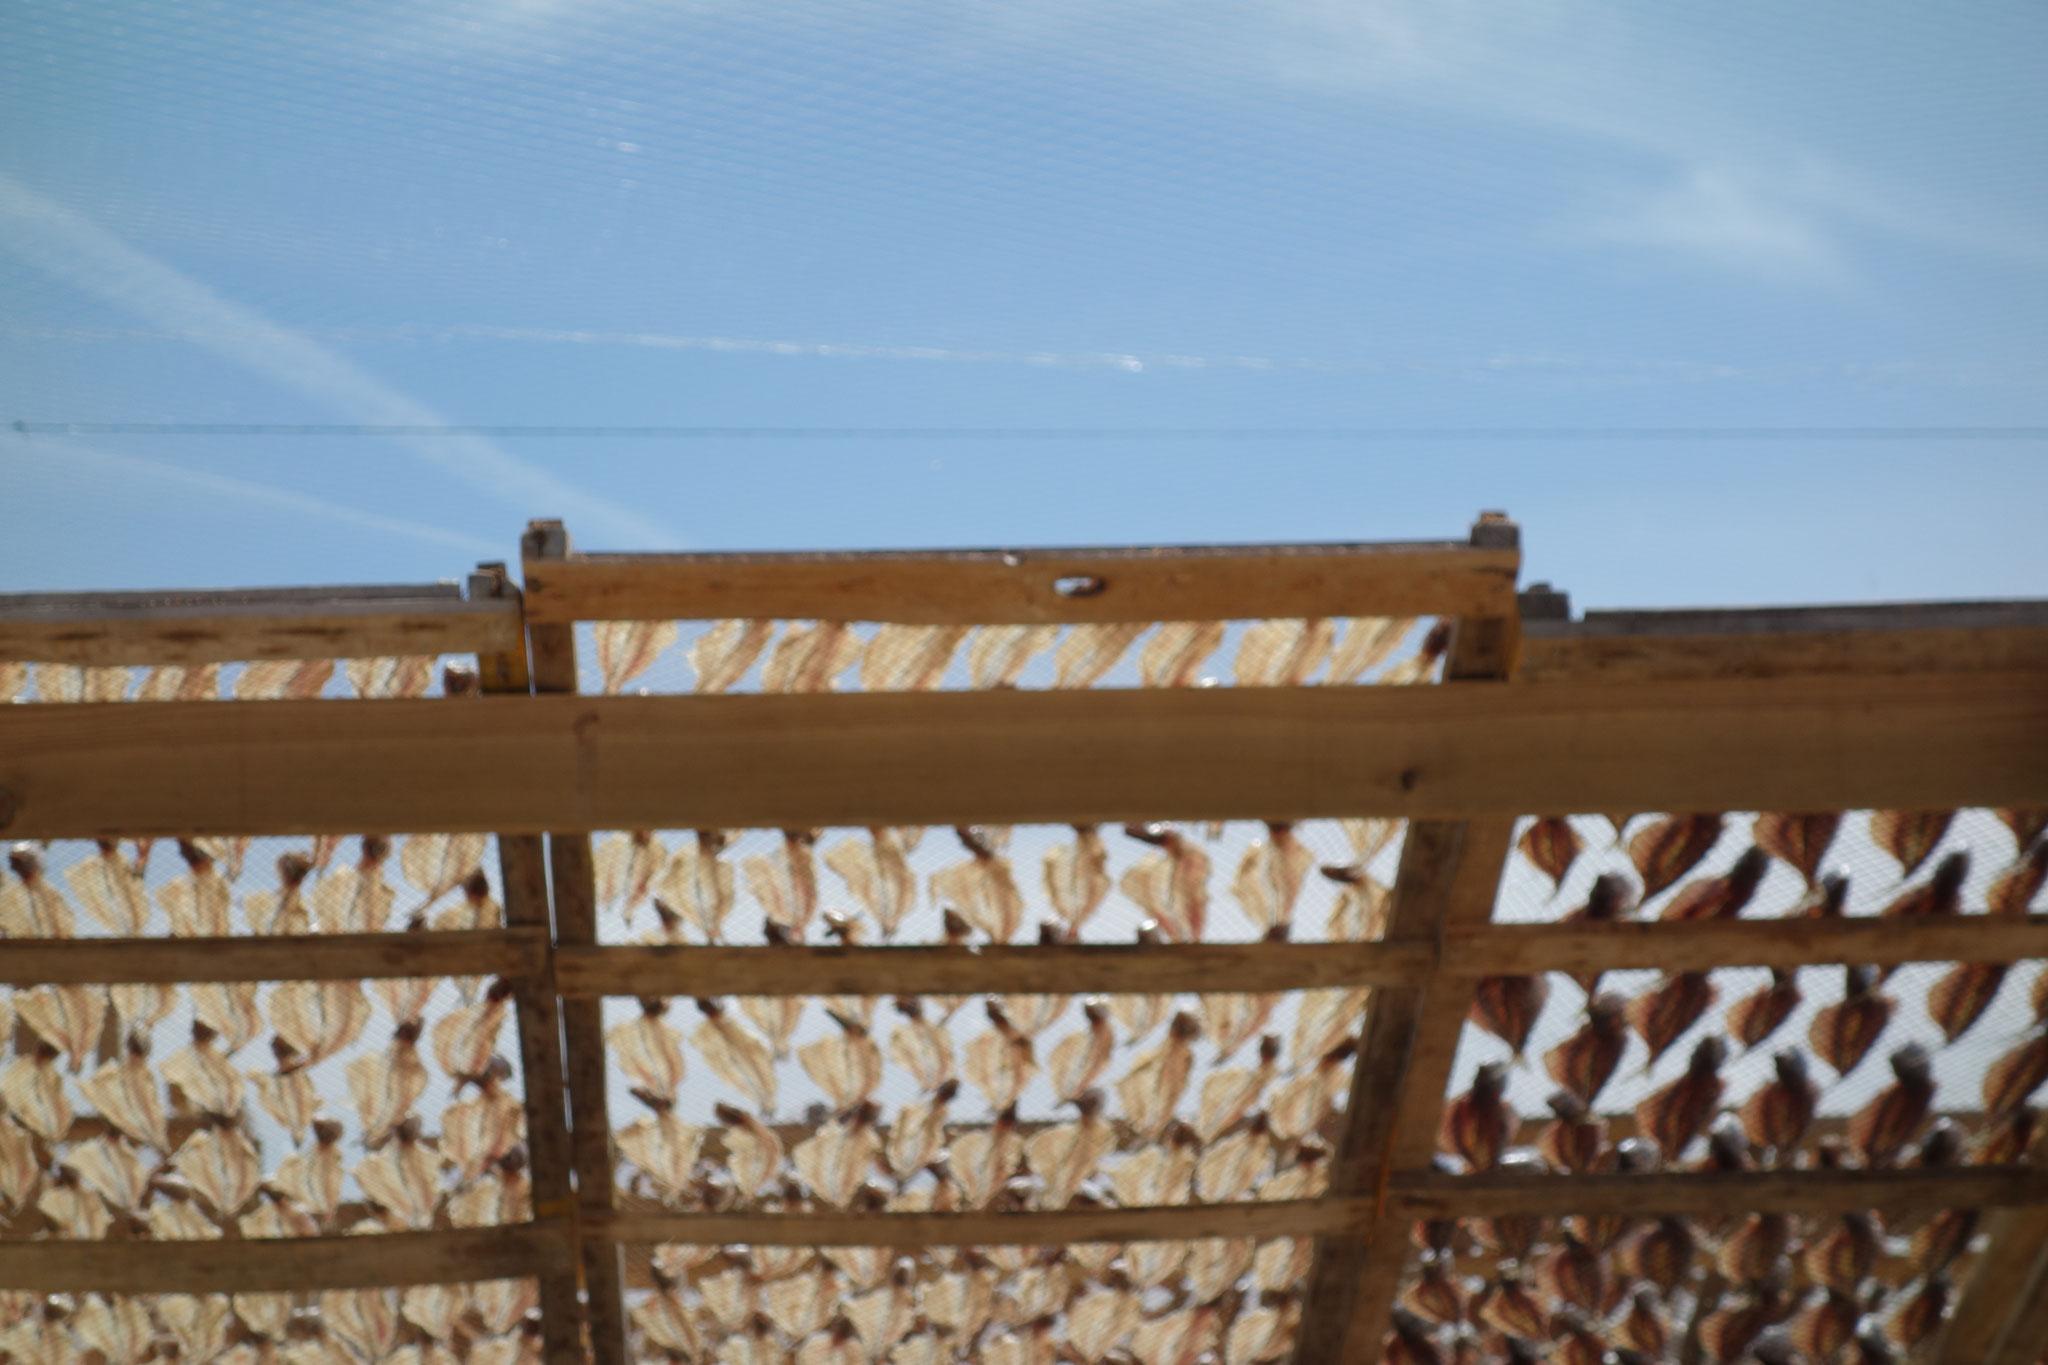 Traditionelle Fischtrocknung am Strand von Nazaré